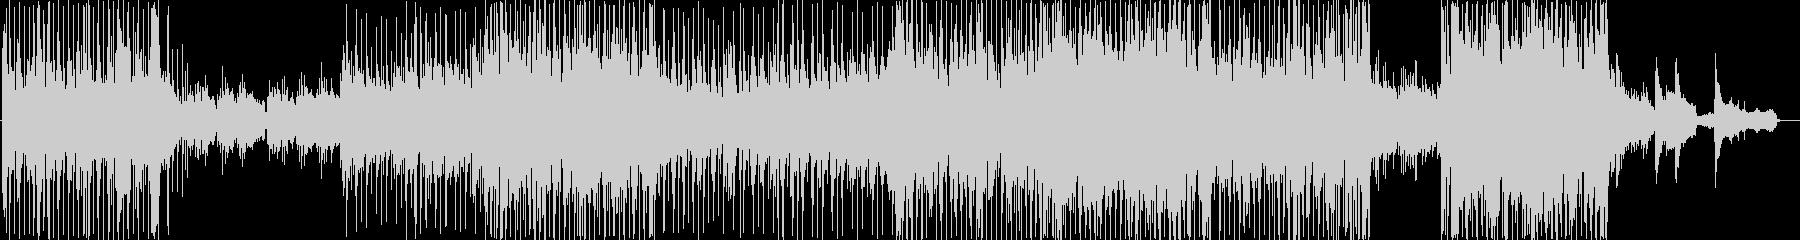 日本的な旋律のポップバラードの未再生の波形